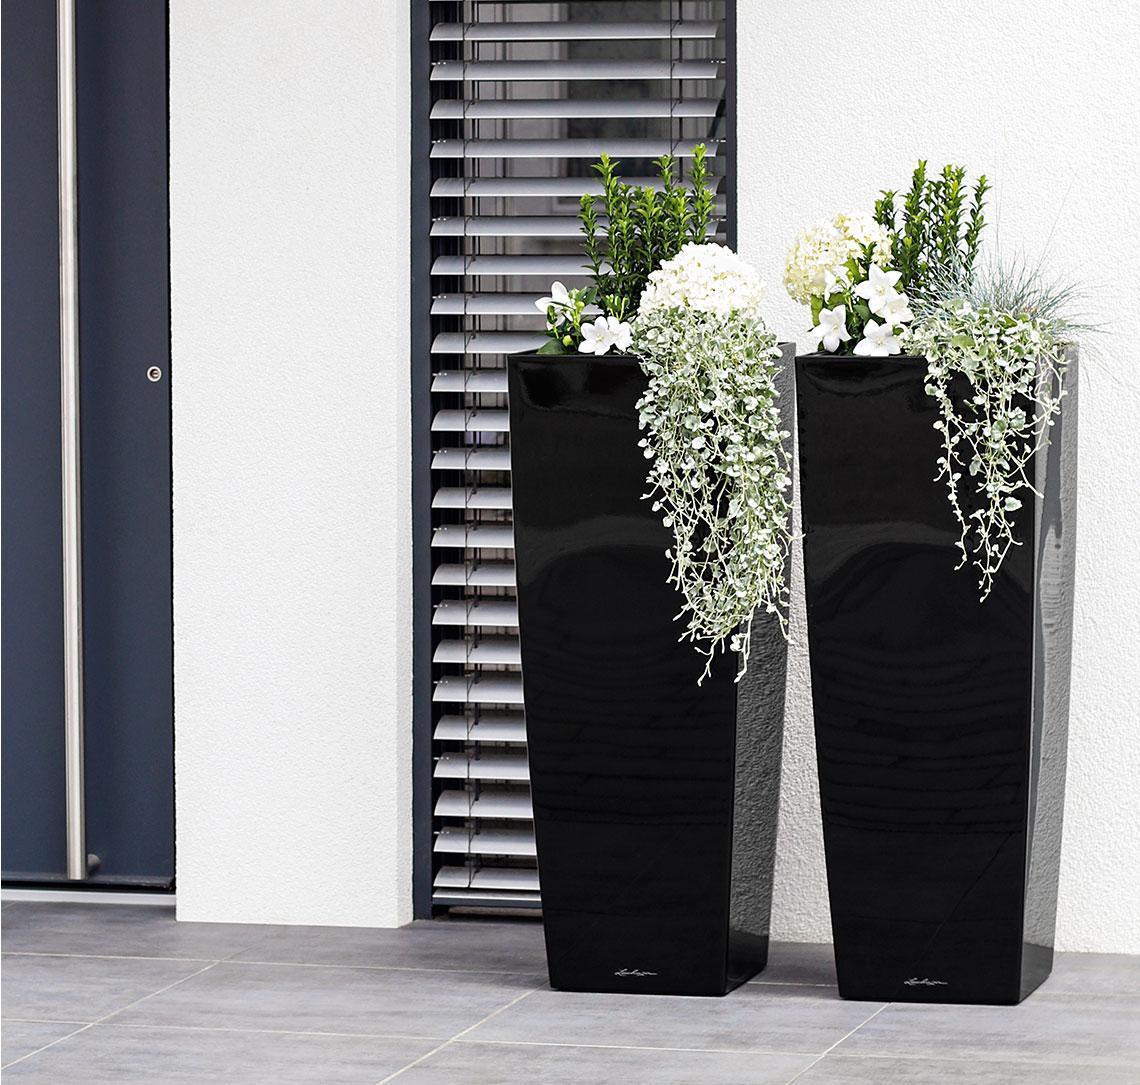 Twee CUBICO Alto's in hoogglans zwart met moderne witgroene beplanting voor een modern huis.